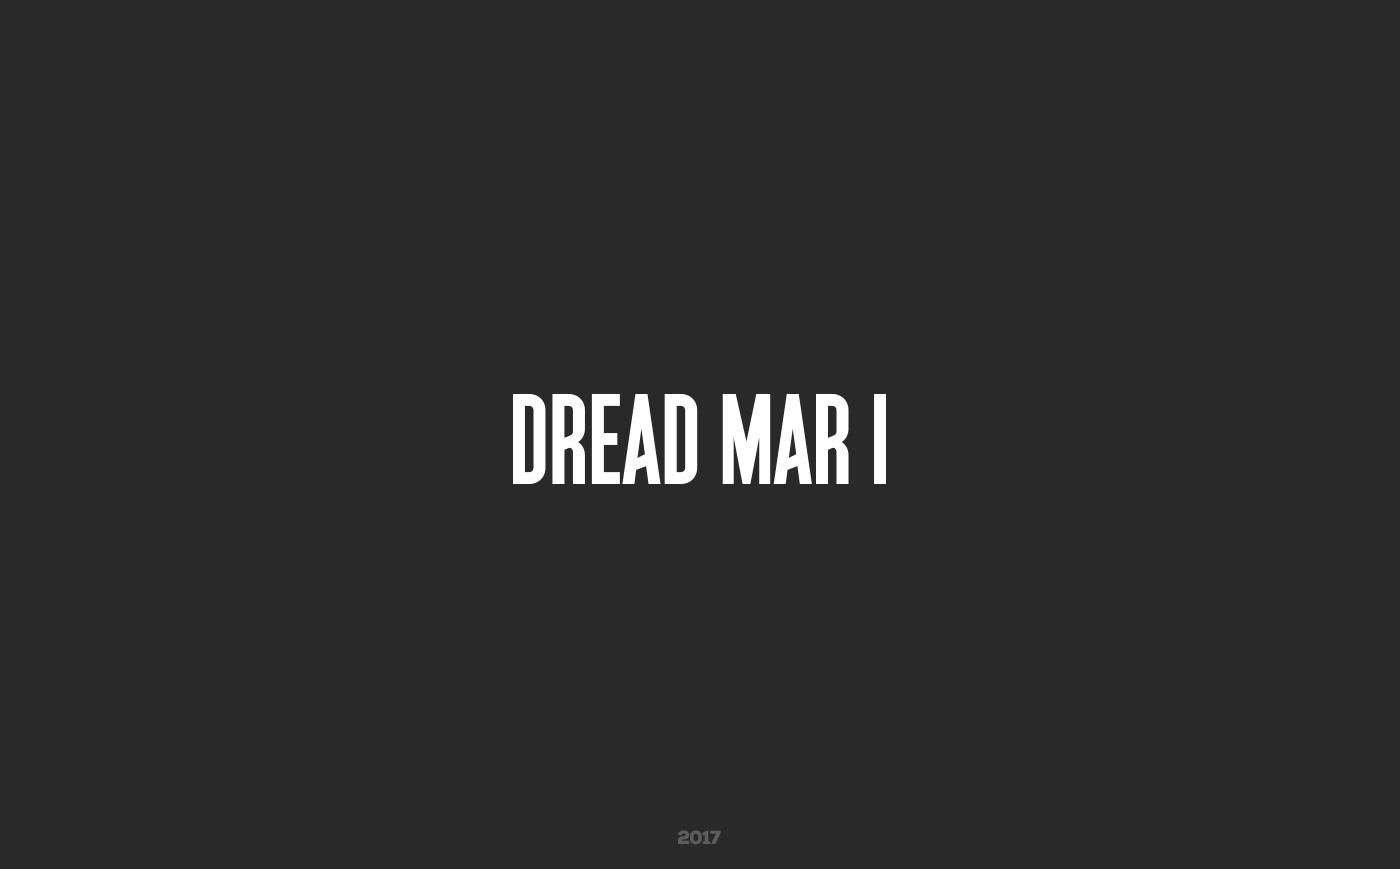 DREAD-MAR-I-LOGO-2017-02